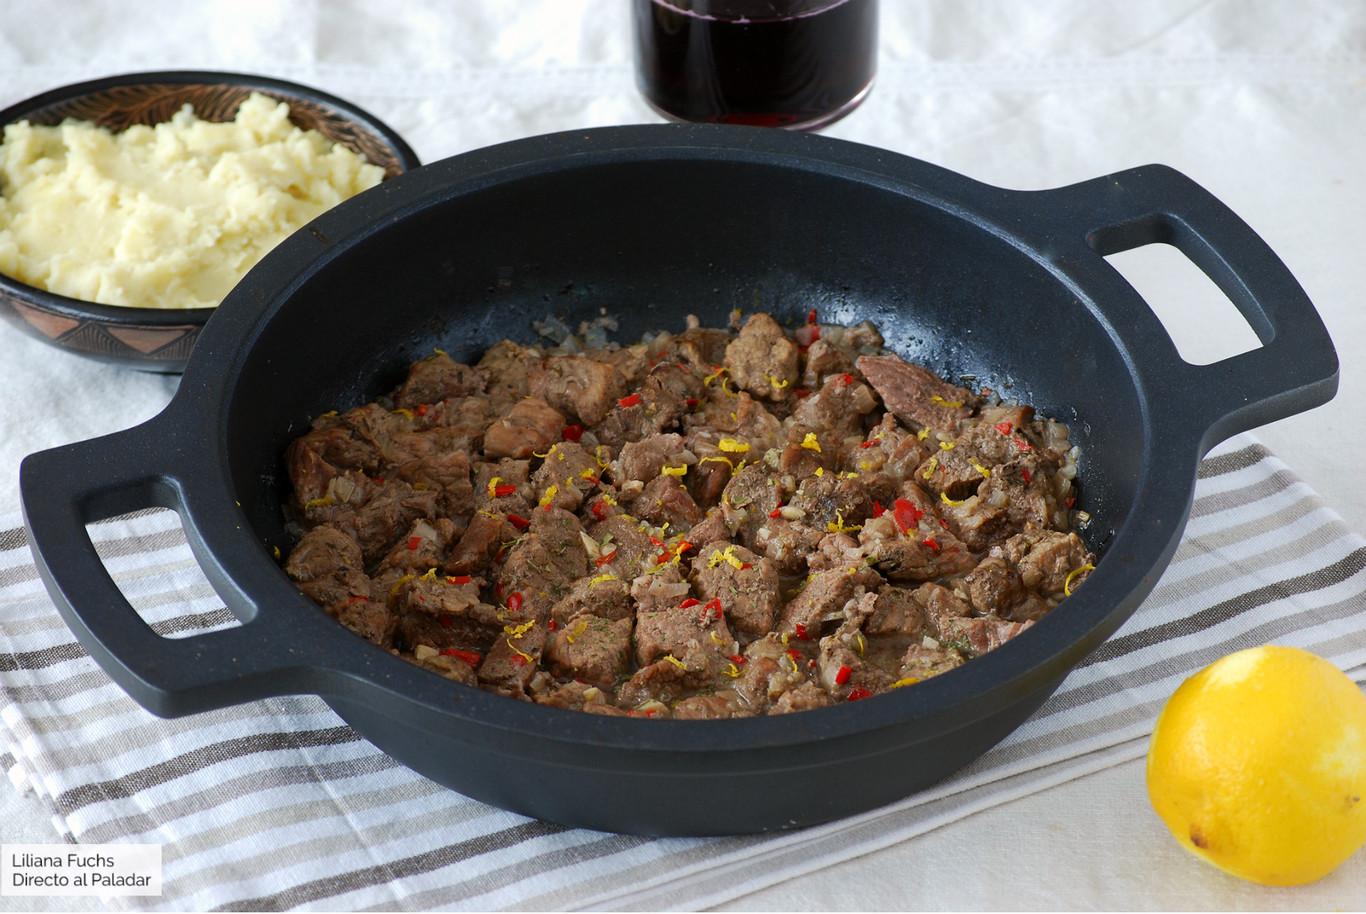 Receta de estofado de ternera con guindilla y limón, para llenar de aromas la cazuela